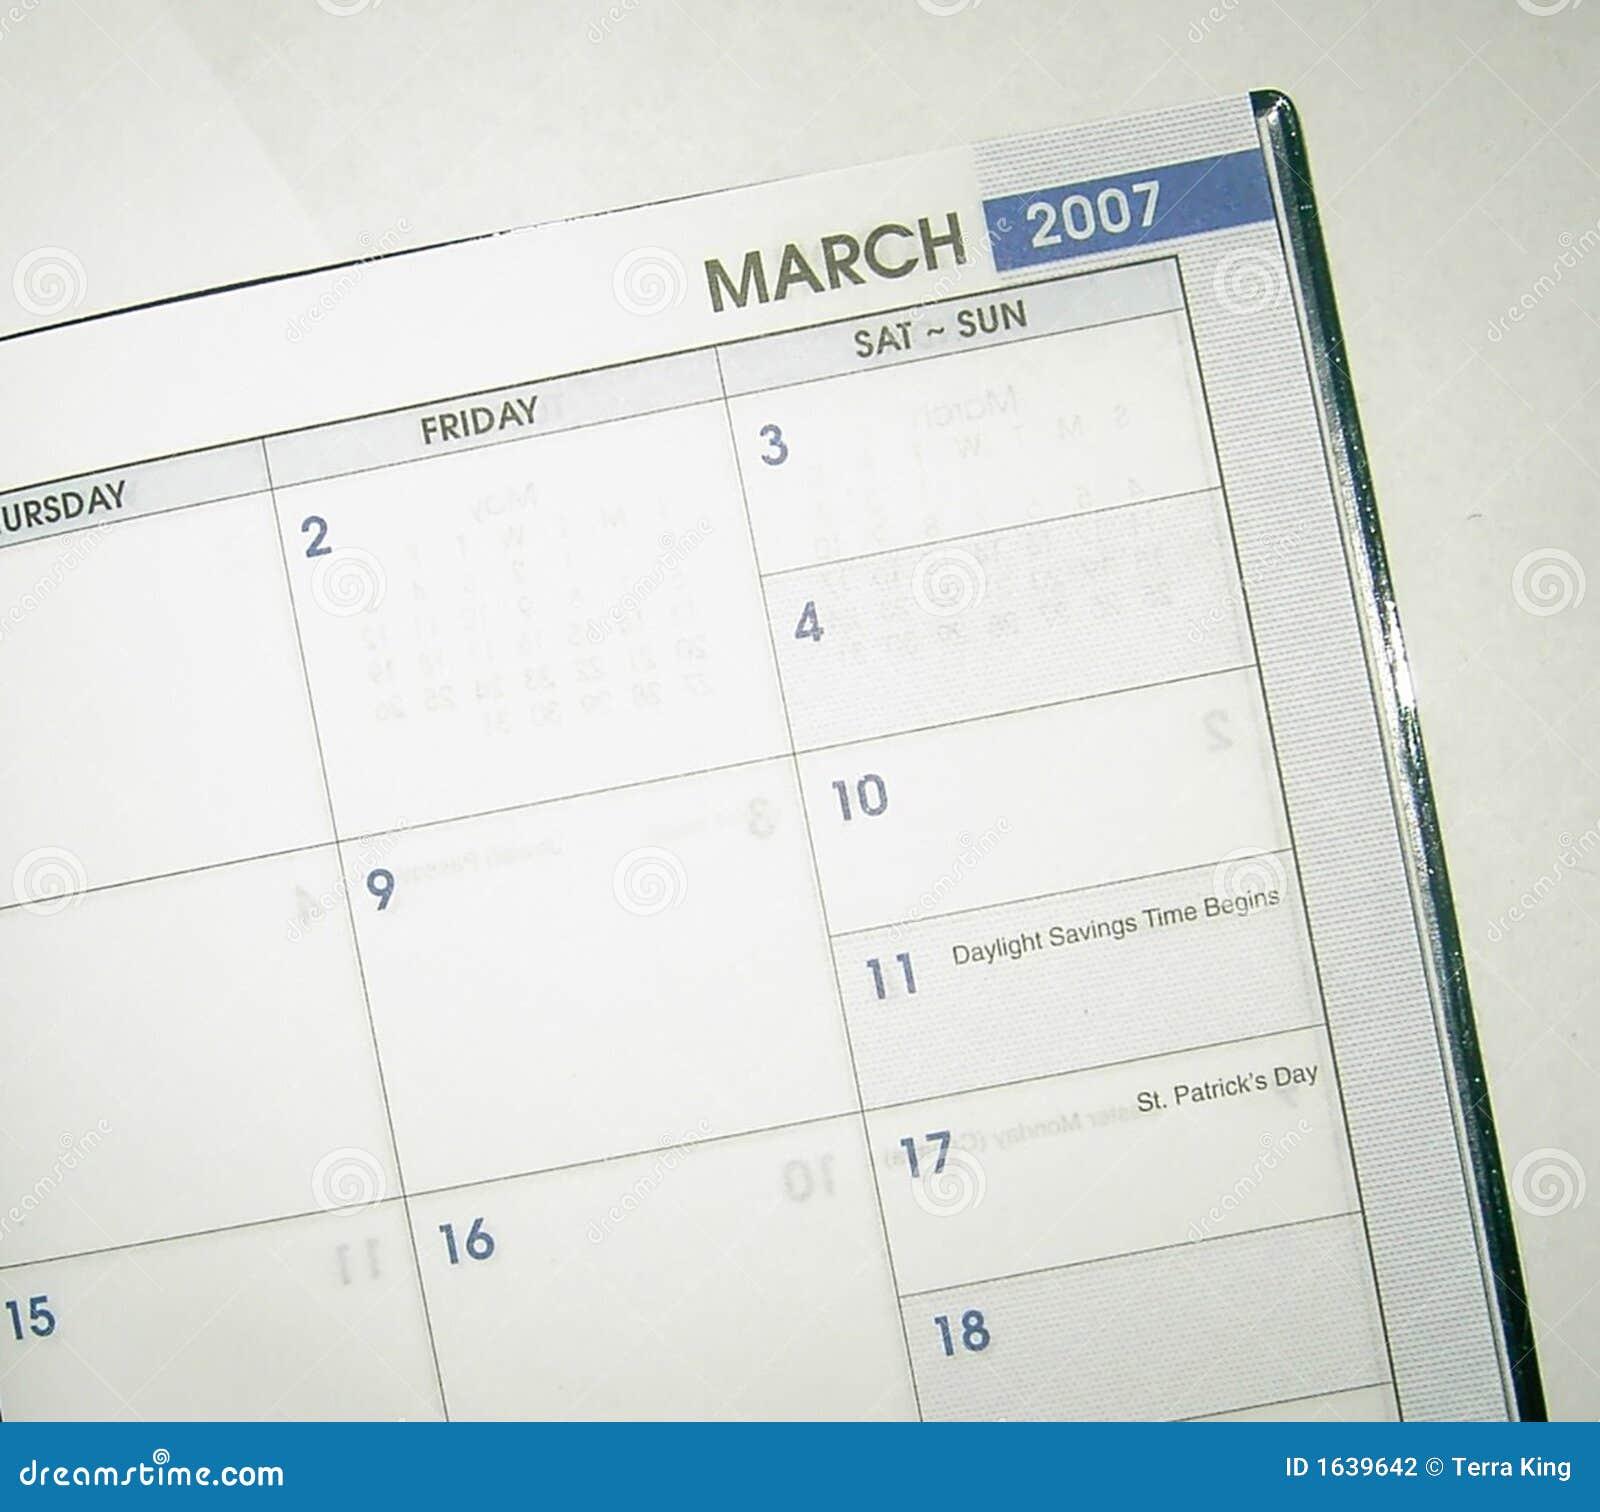 Date book March 2007